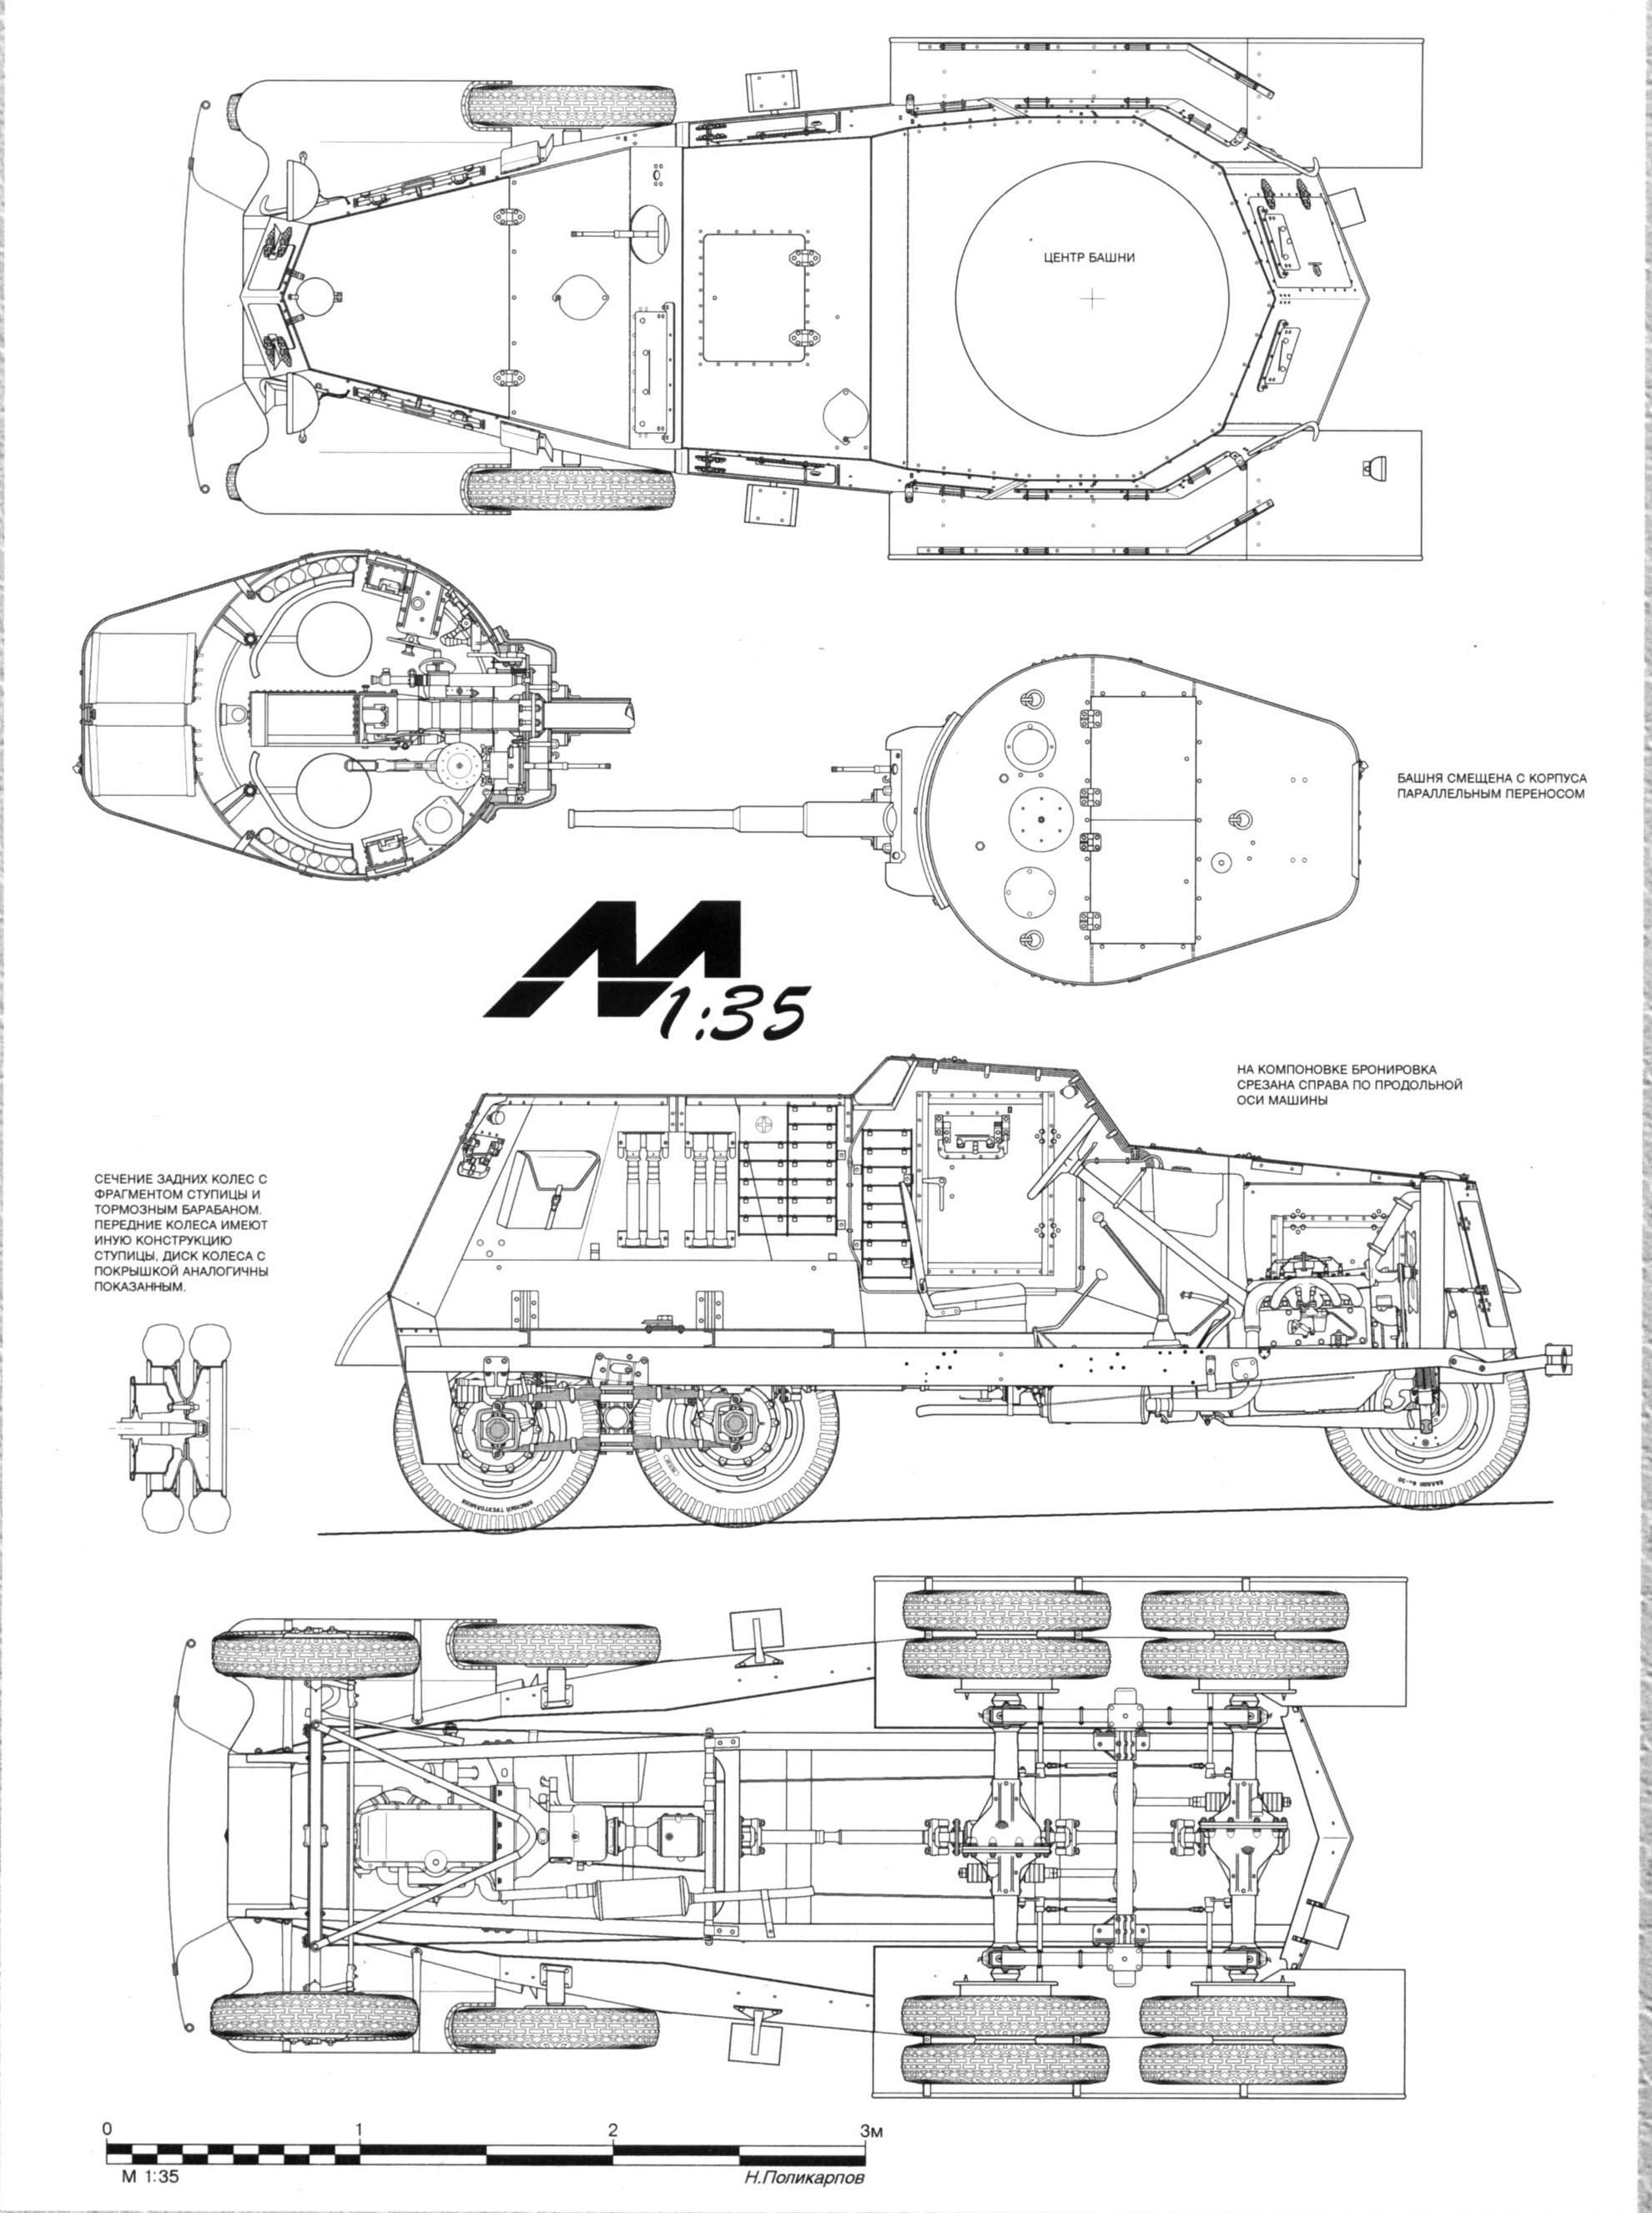 BA-3 blueprint